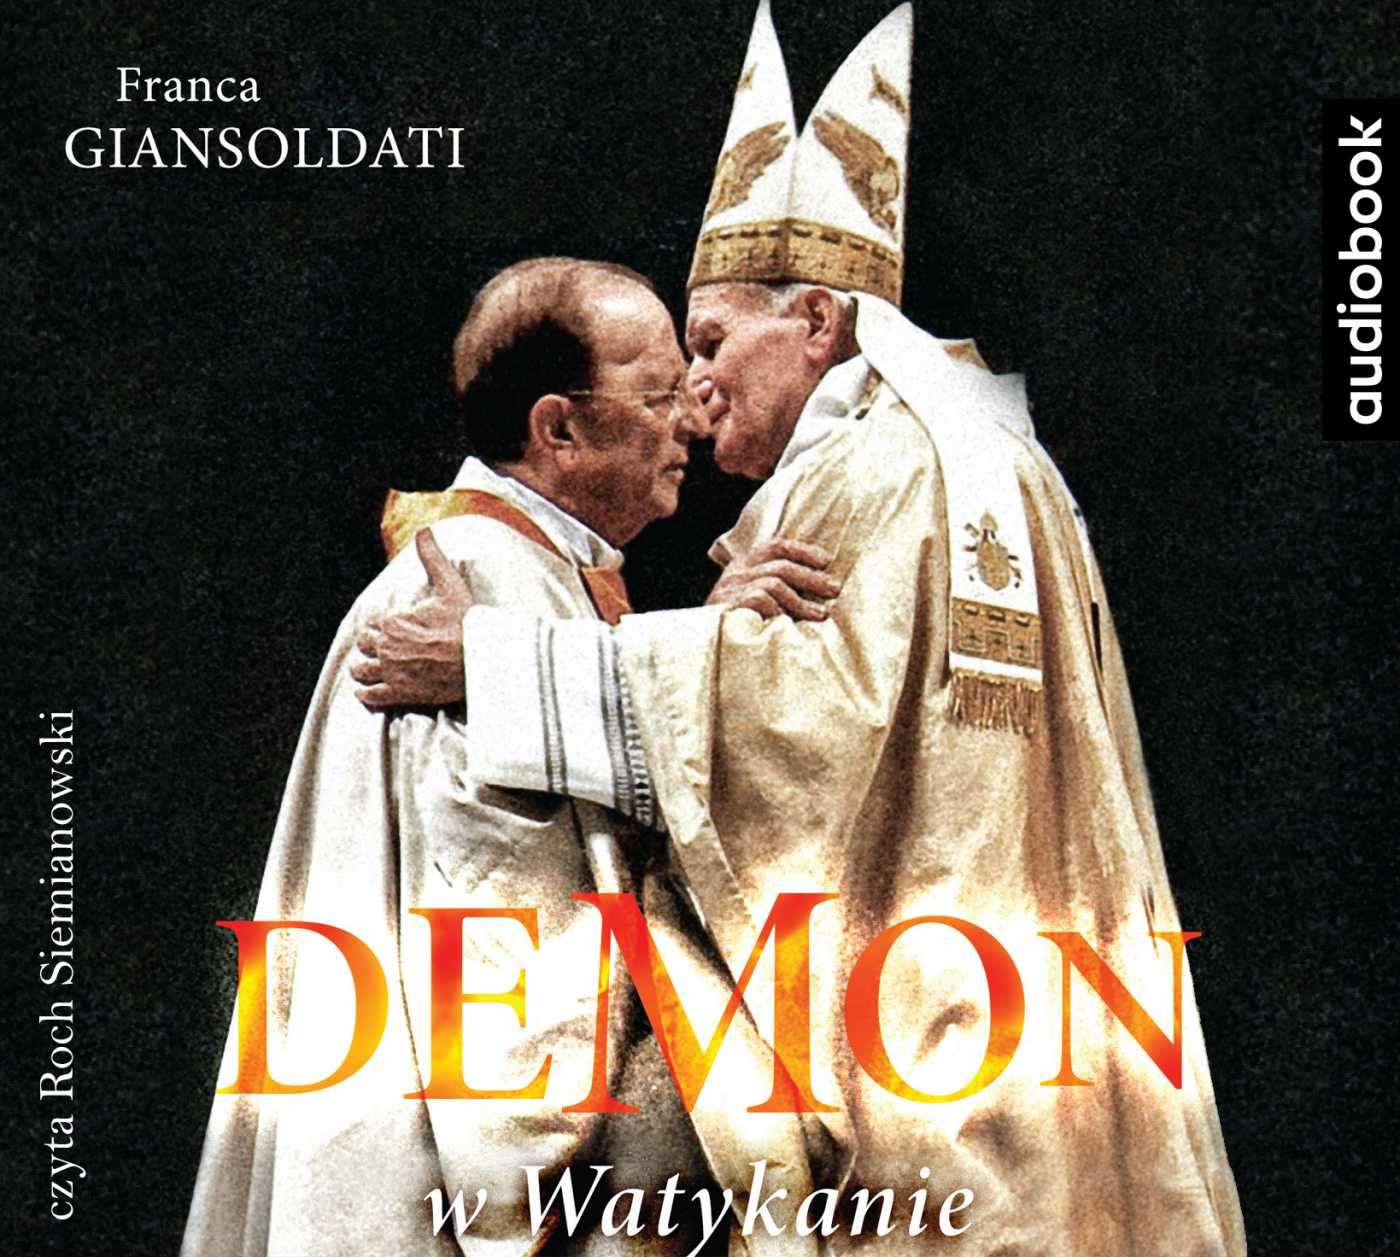 Demon w Watykanie - Audiobook (Książka audio MP3) do pobrania w całości w archiwum ZIP